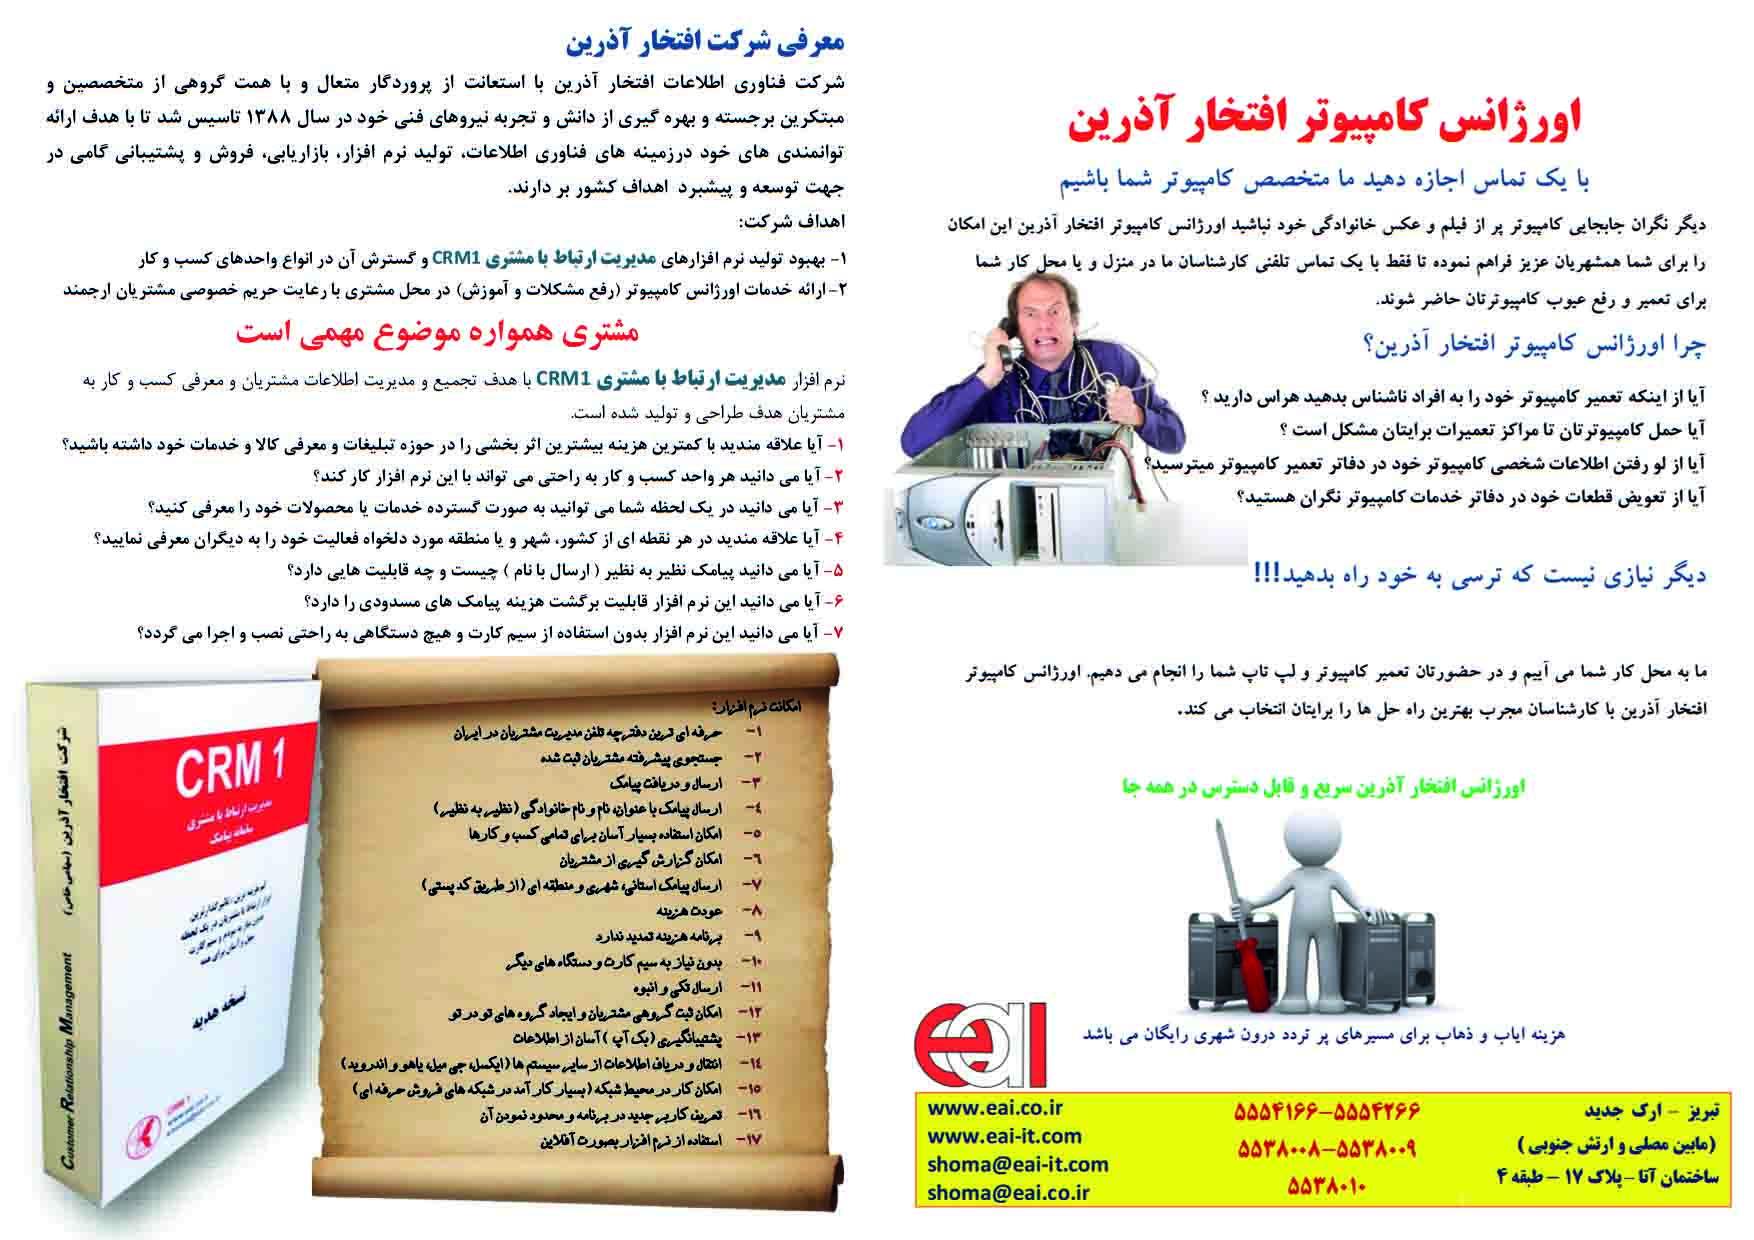 اورژآنس کامپیوتر افتخار آذرین